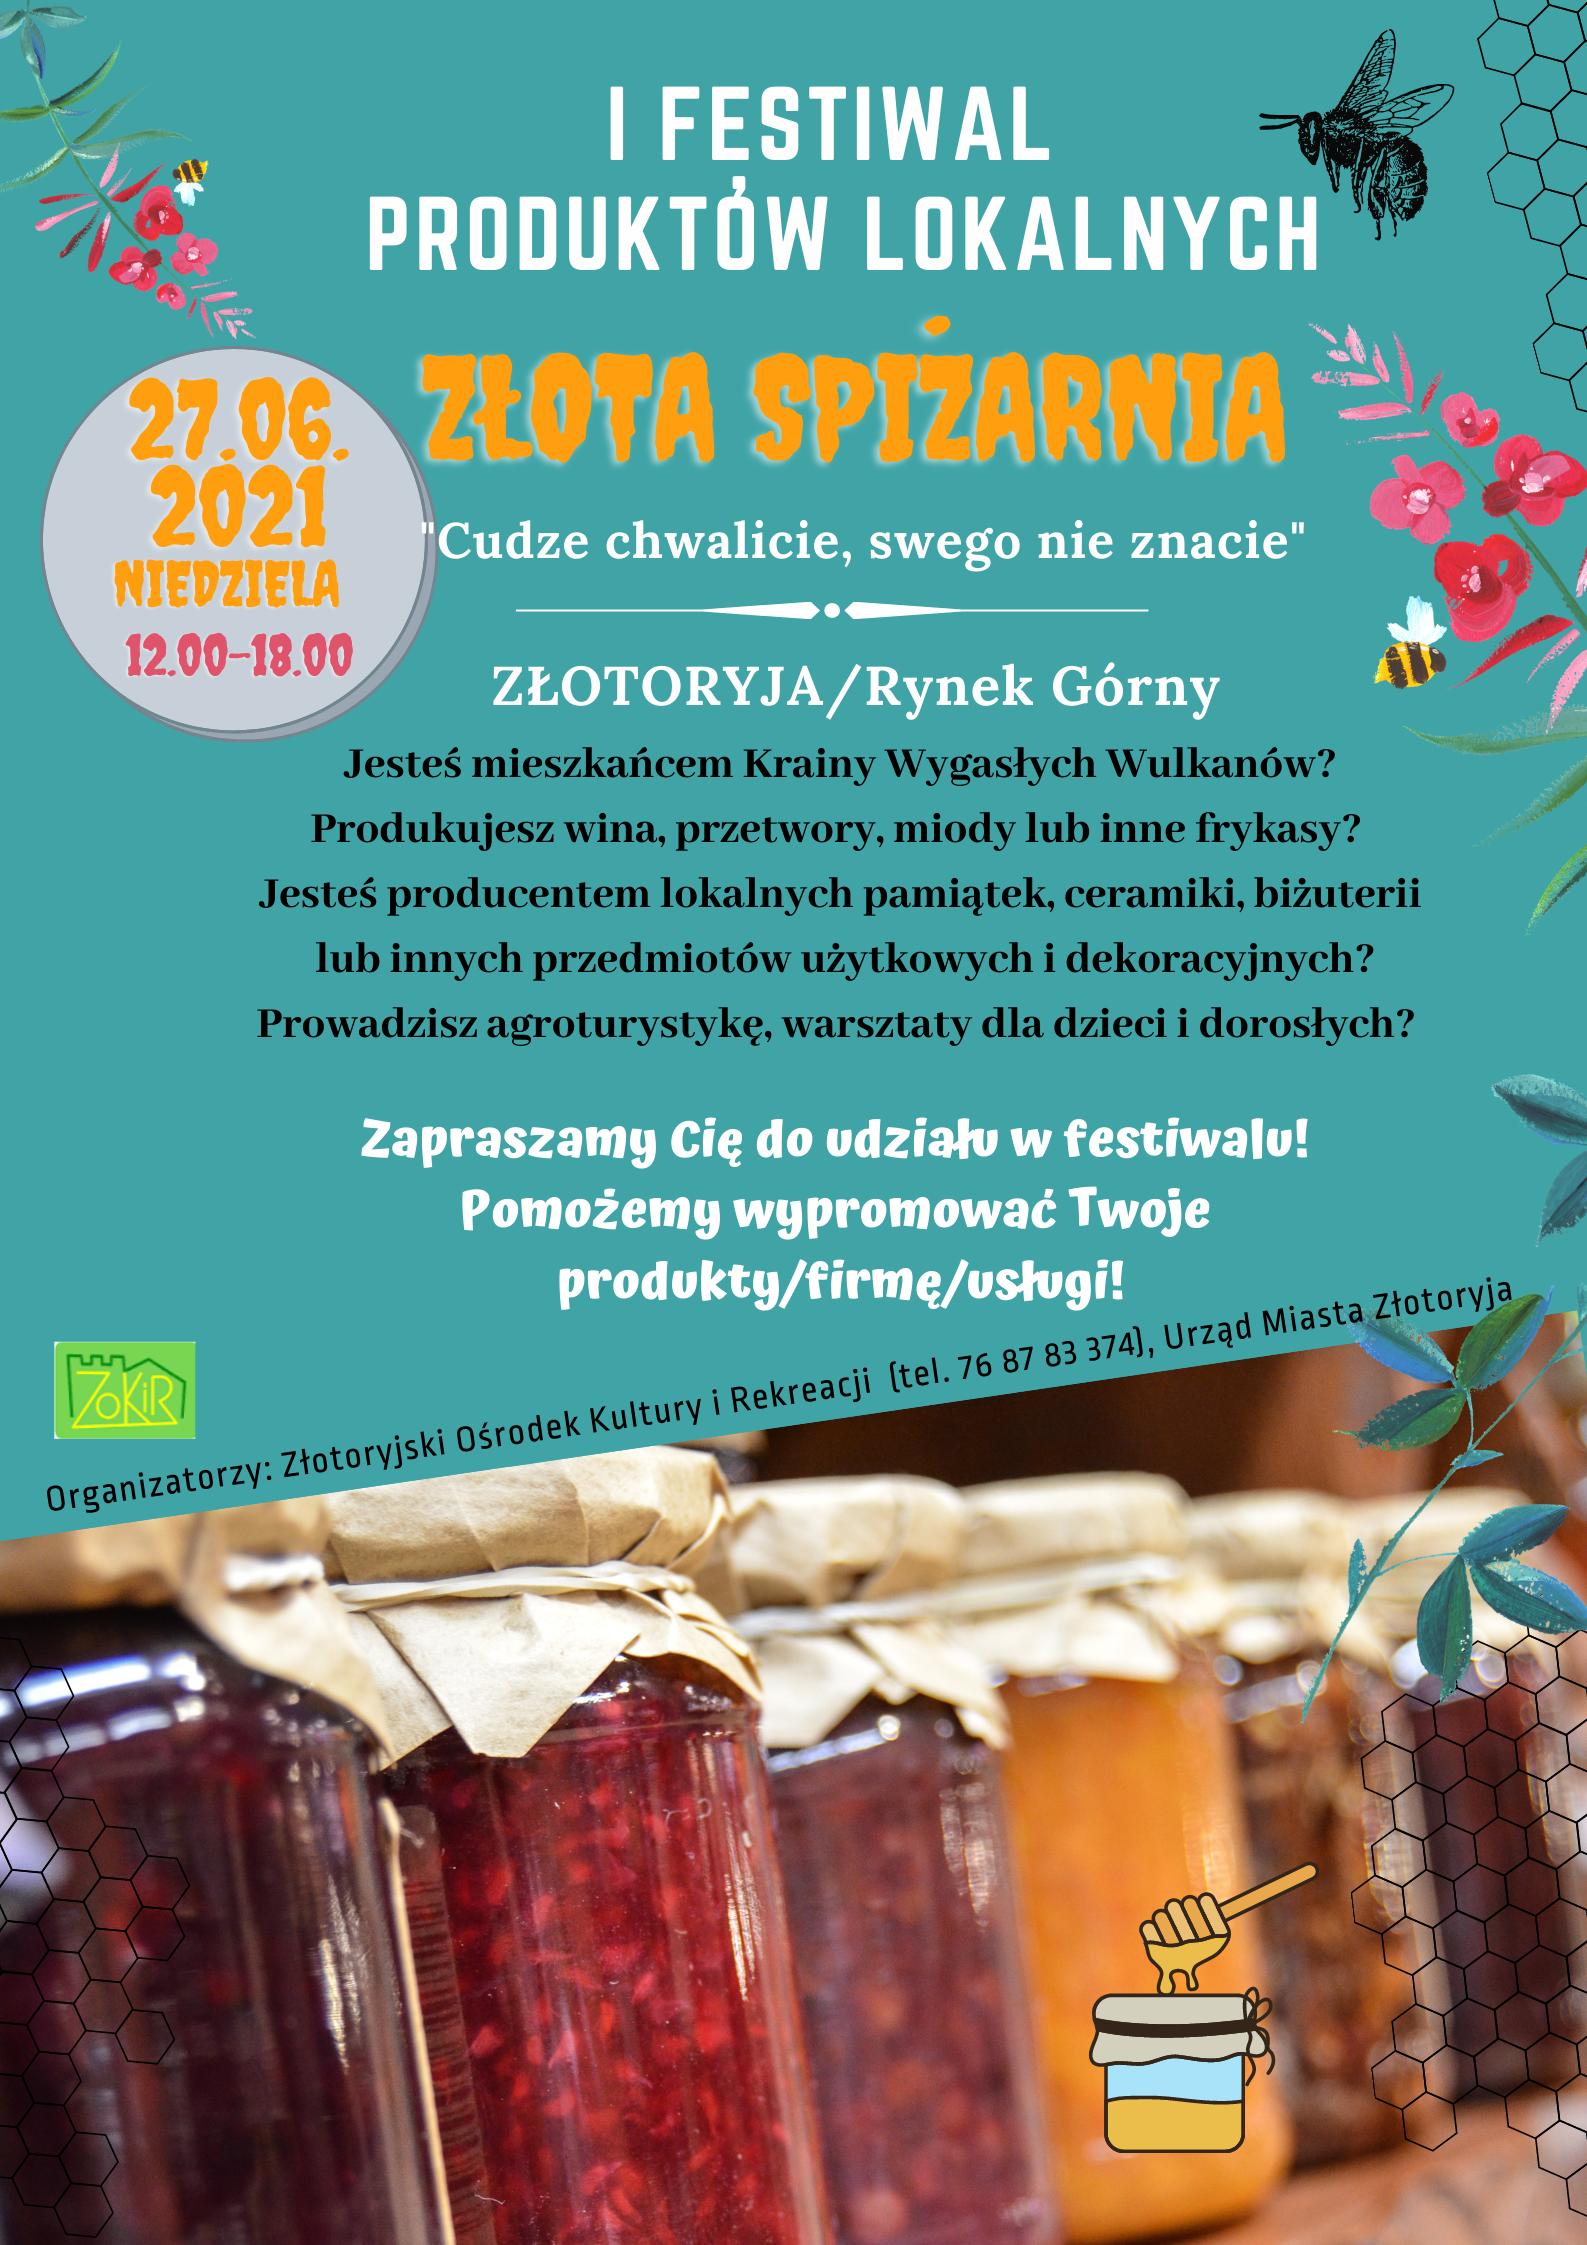 """I Festiwal Produktów Lokalnych """"ZŁOTA SPIŻARNIA"""" w Złotoryi"""